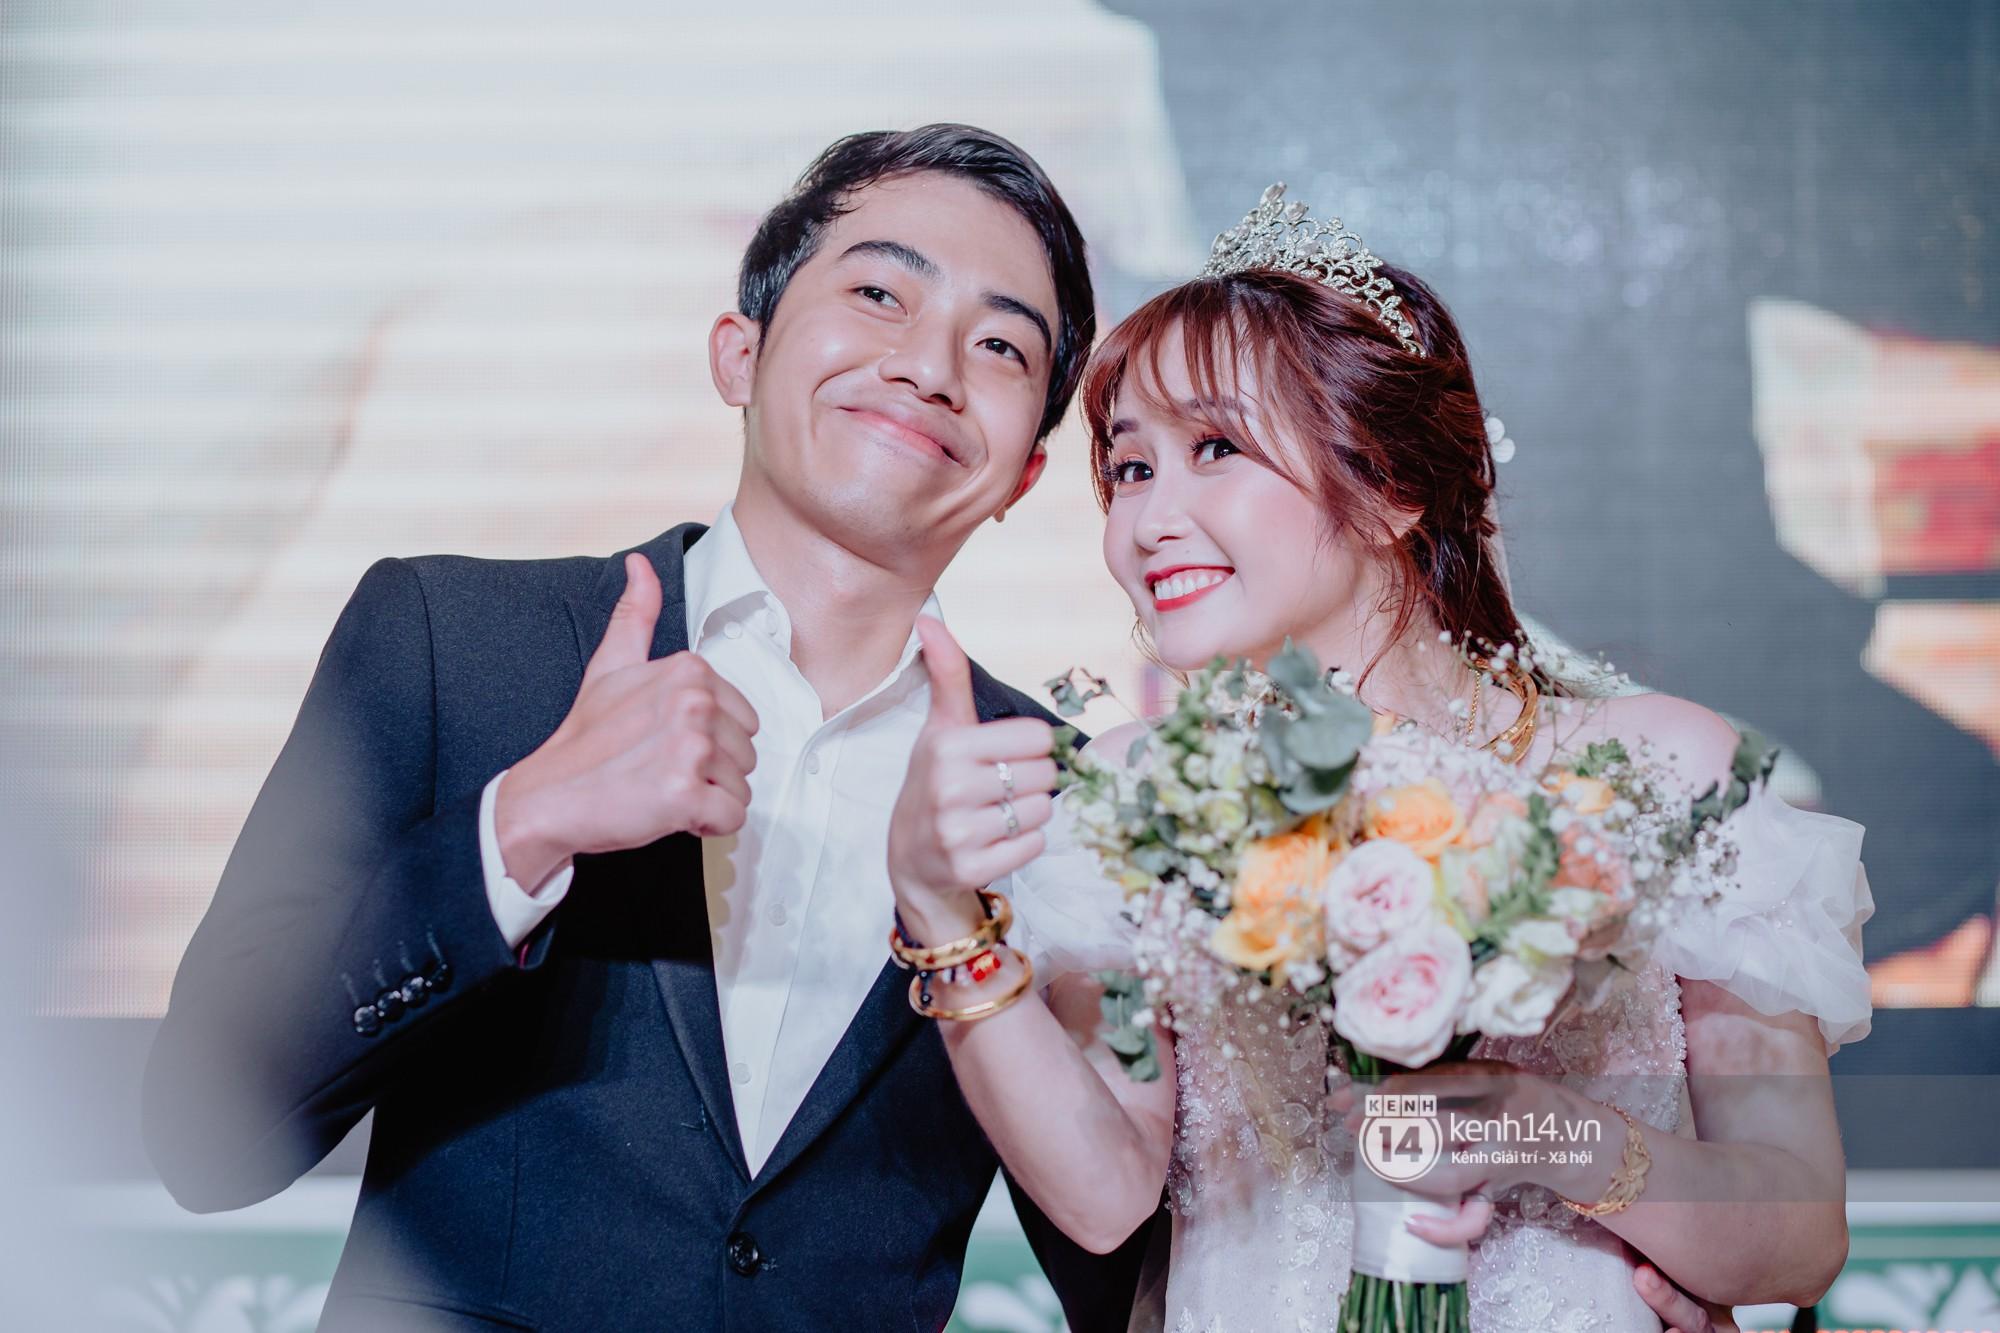 Cris Phan diện vest lịch lãm sánh đôi cùng Mai Quỳnh Anh khui sâm banh ở nhà hàng tiệc cưới - Ảnh 26.